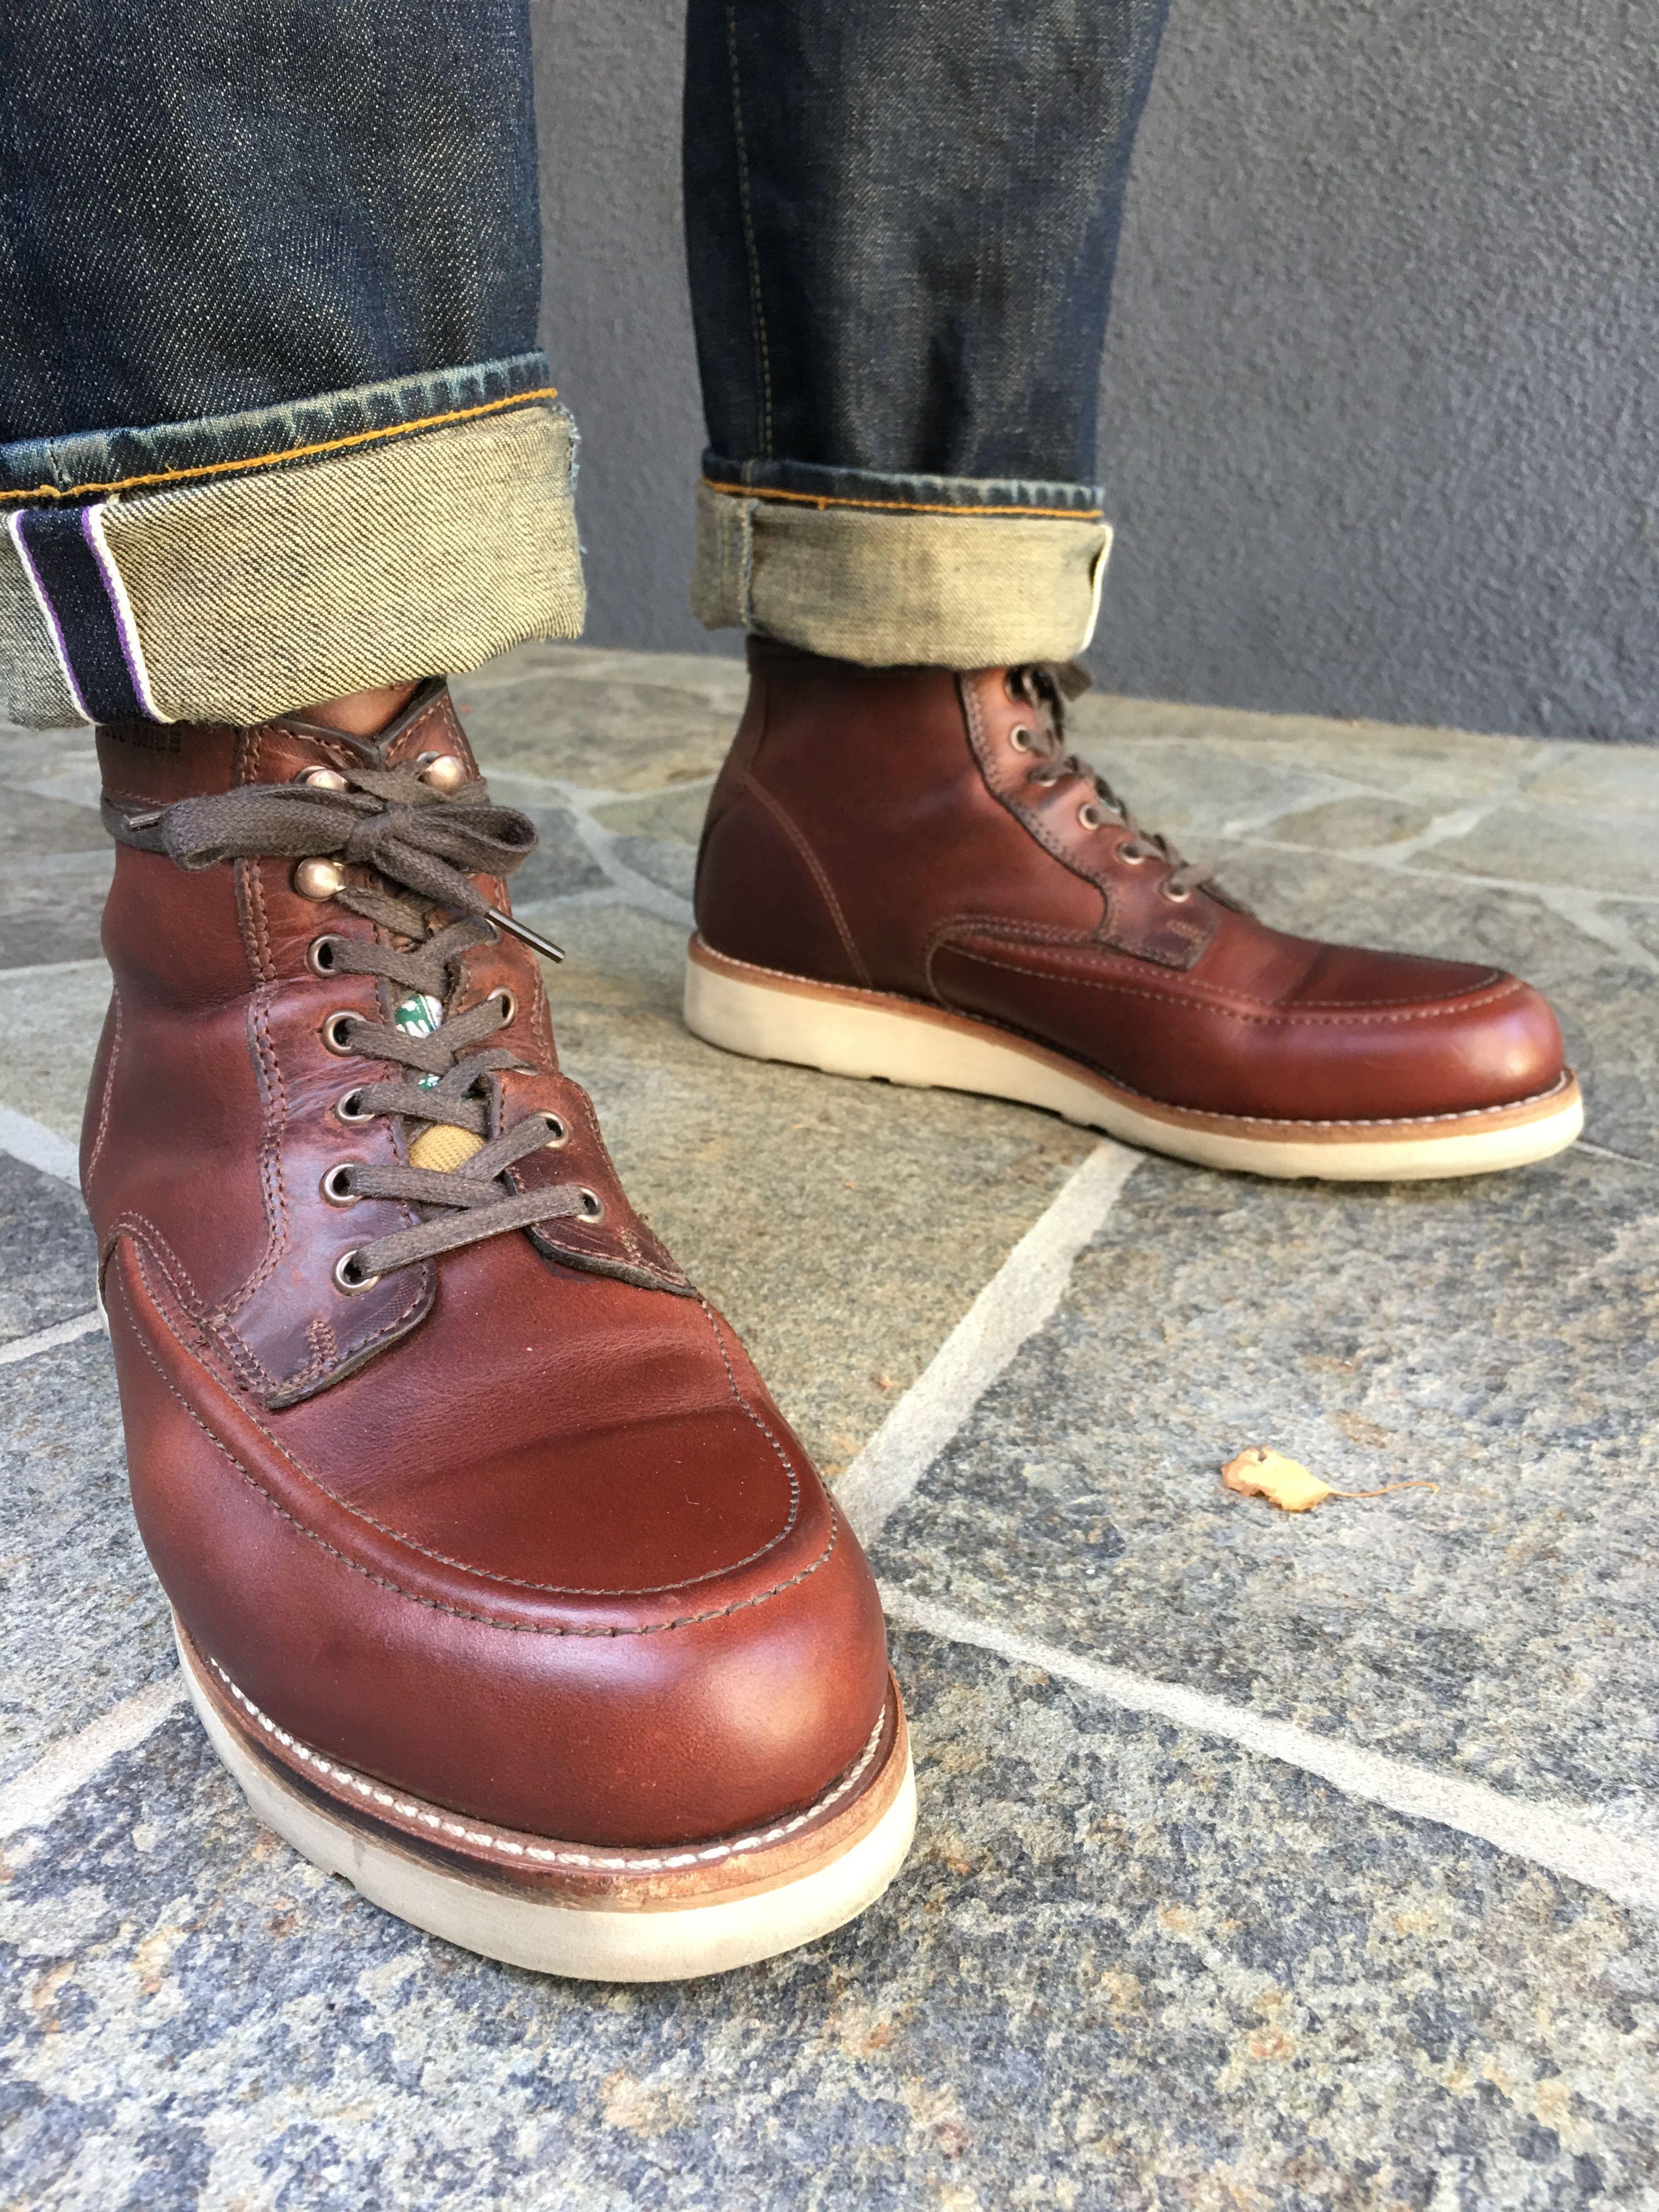 144c97896e9 prps jeans wolverine 1000 mile emerson | FASHION | Boots, Mens lace ...